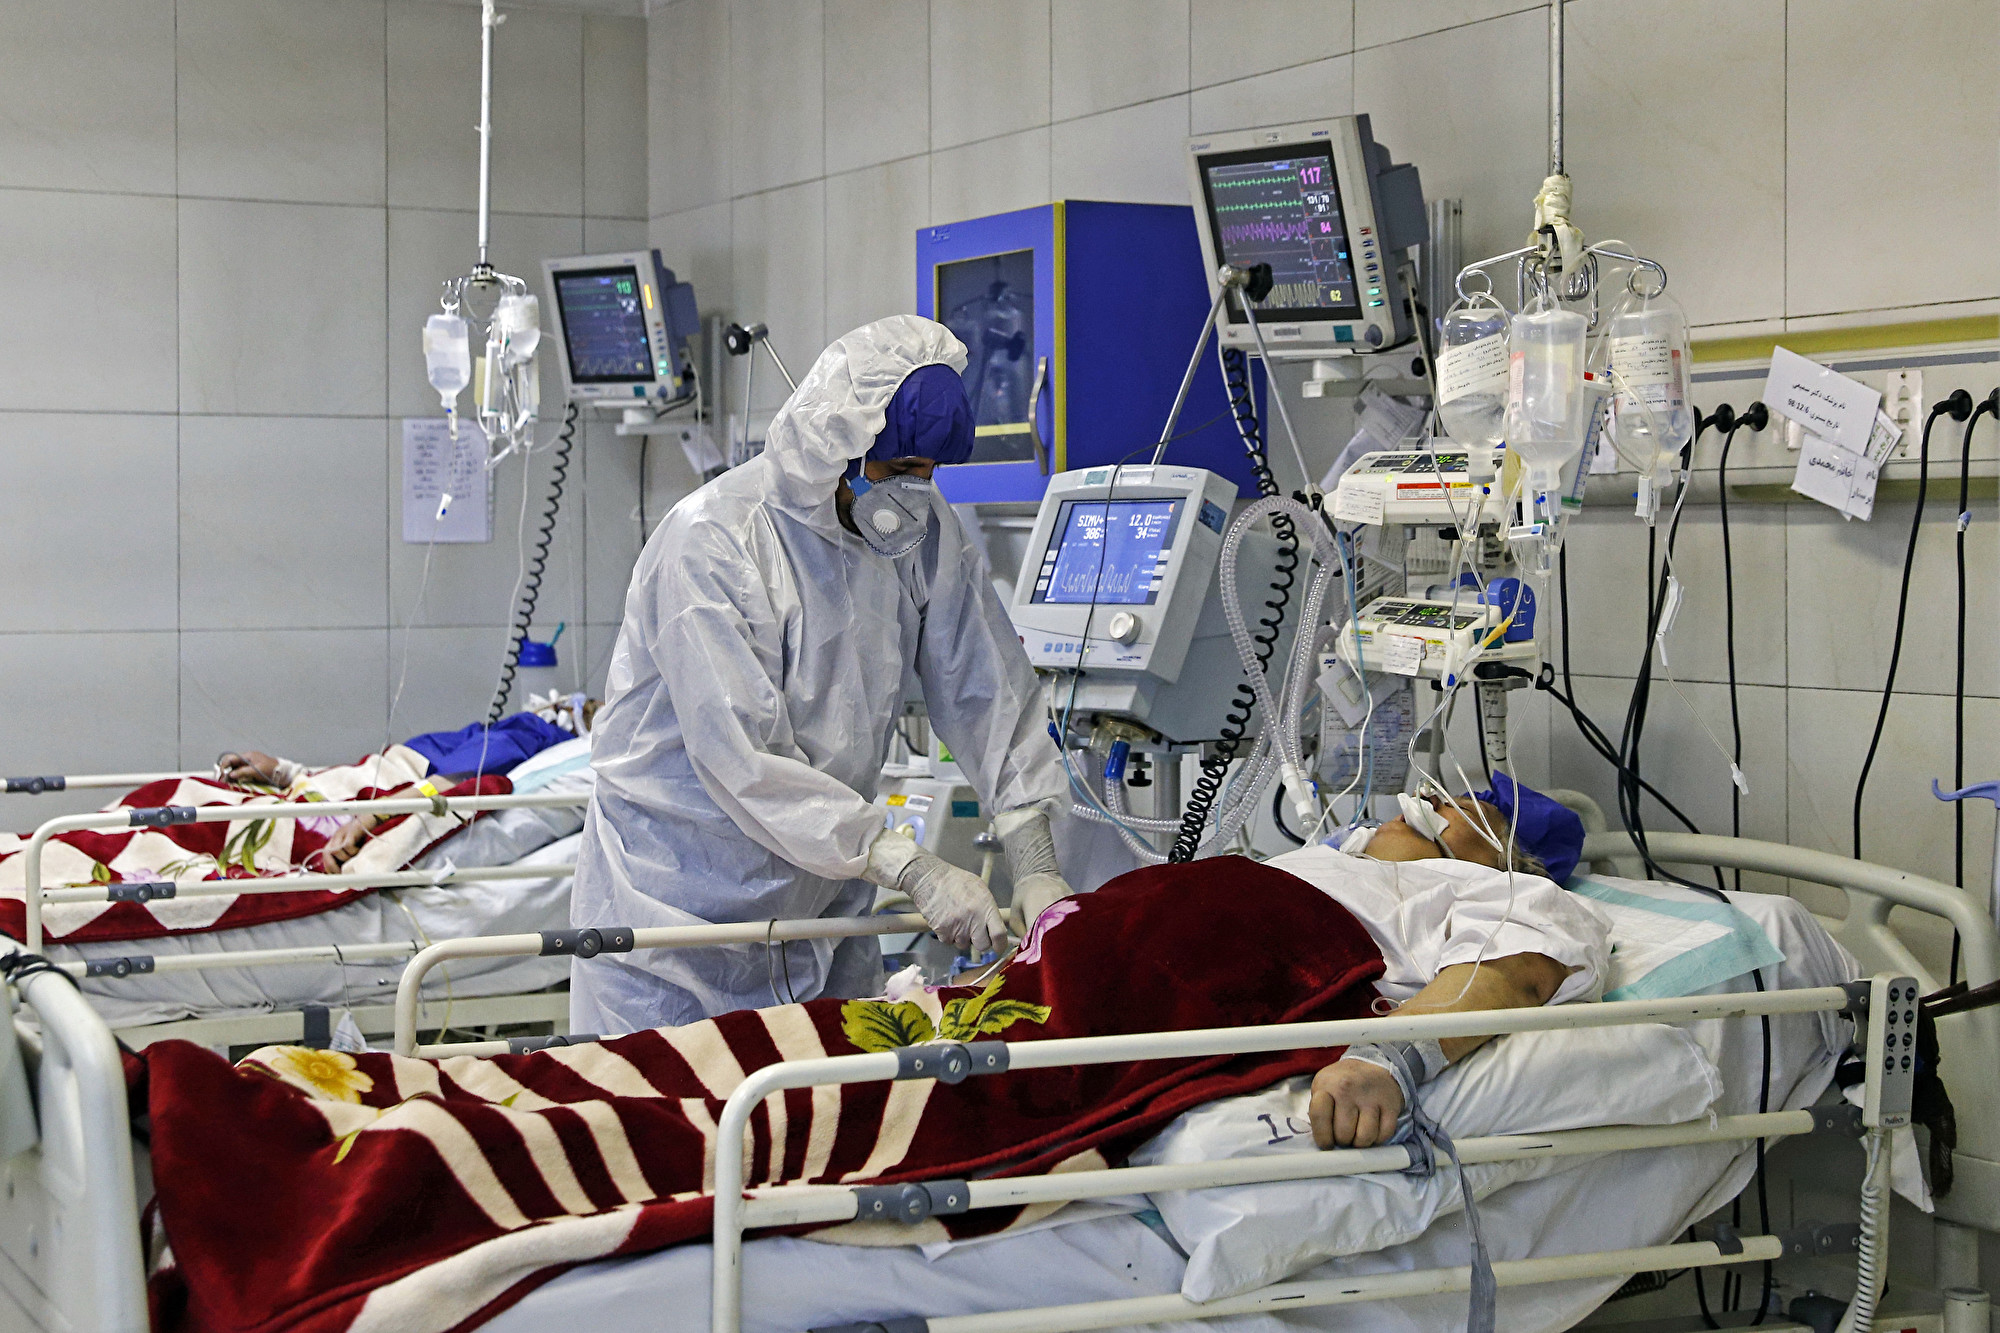 伊朗中共肺炎肆虐醫院床位緊缺 病毒在監獄蔓延